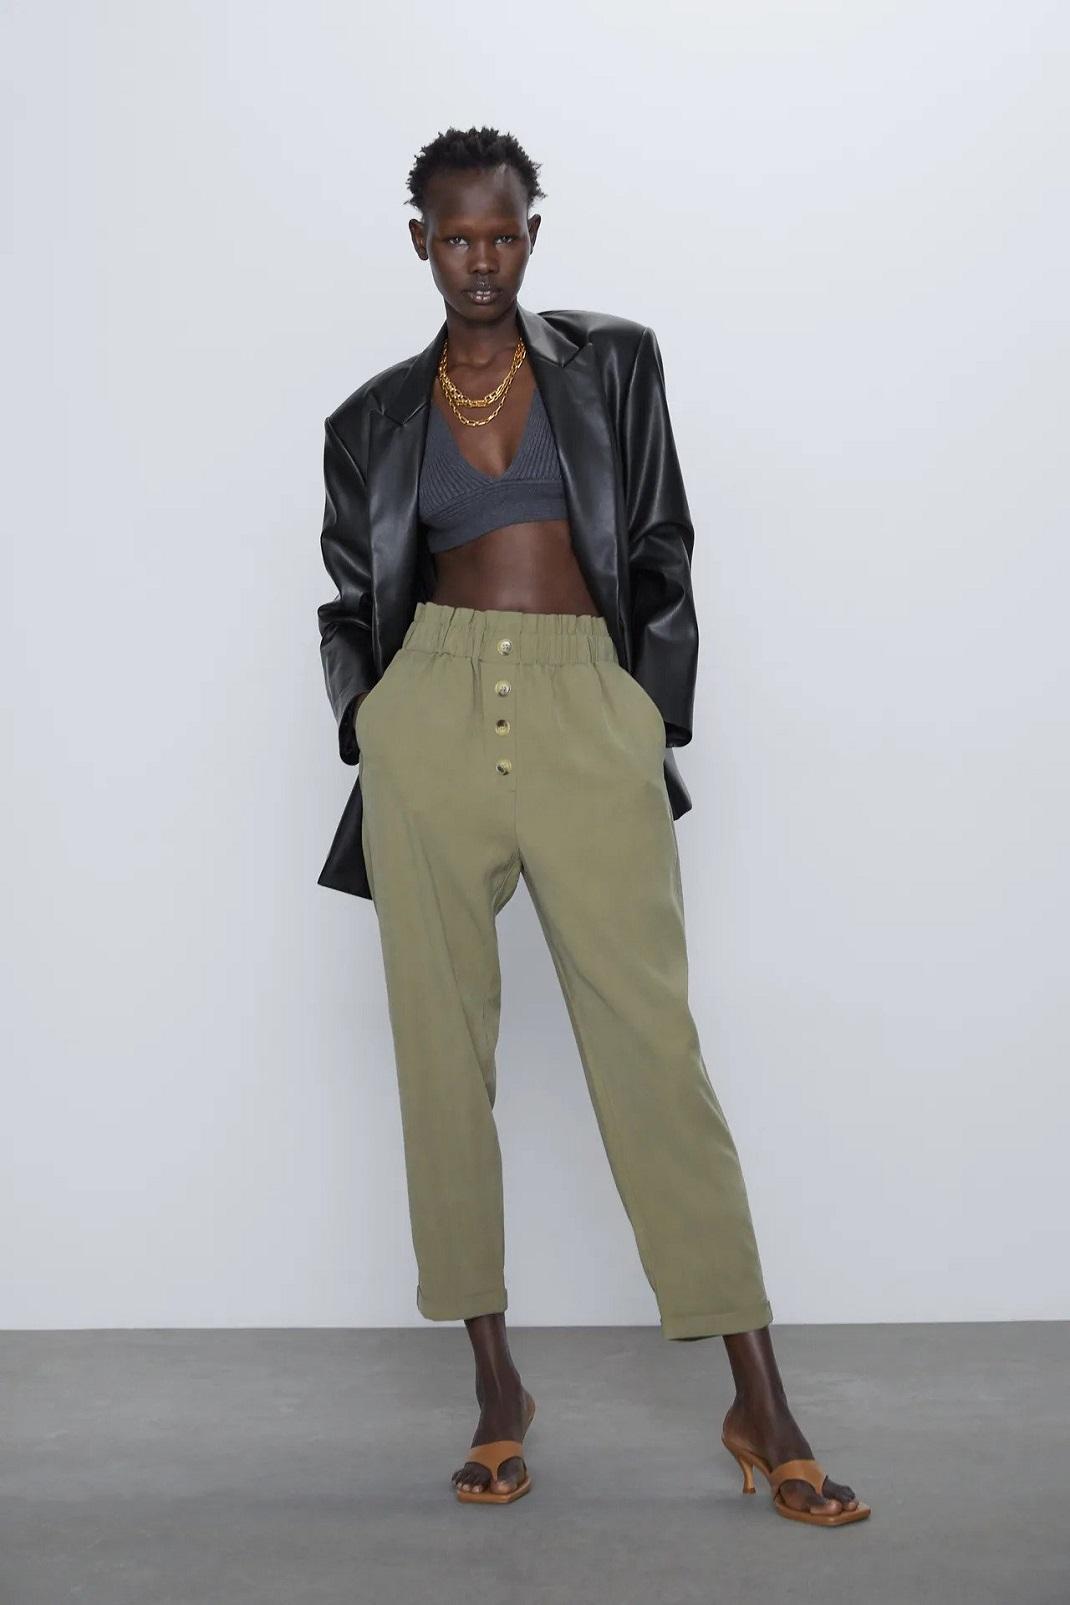 μοντέλο φορά παντελόνι zara